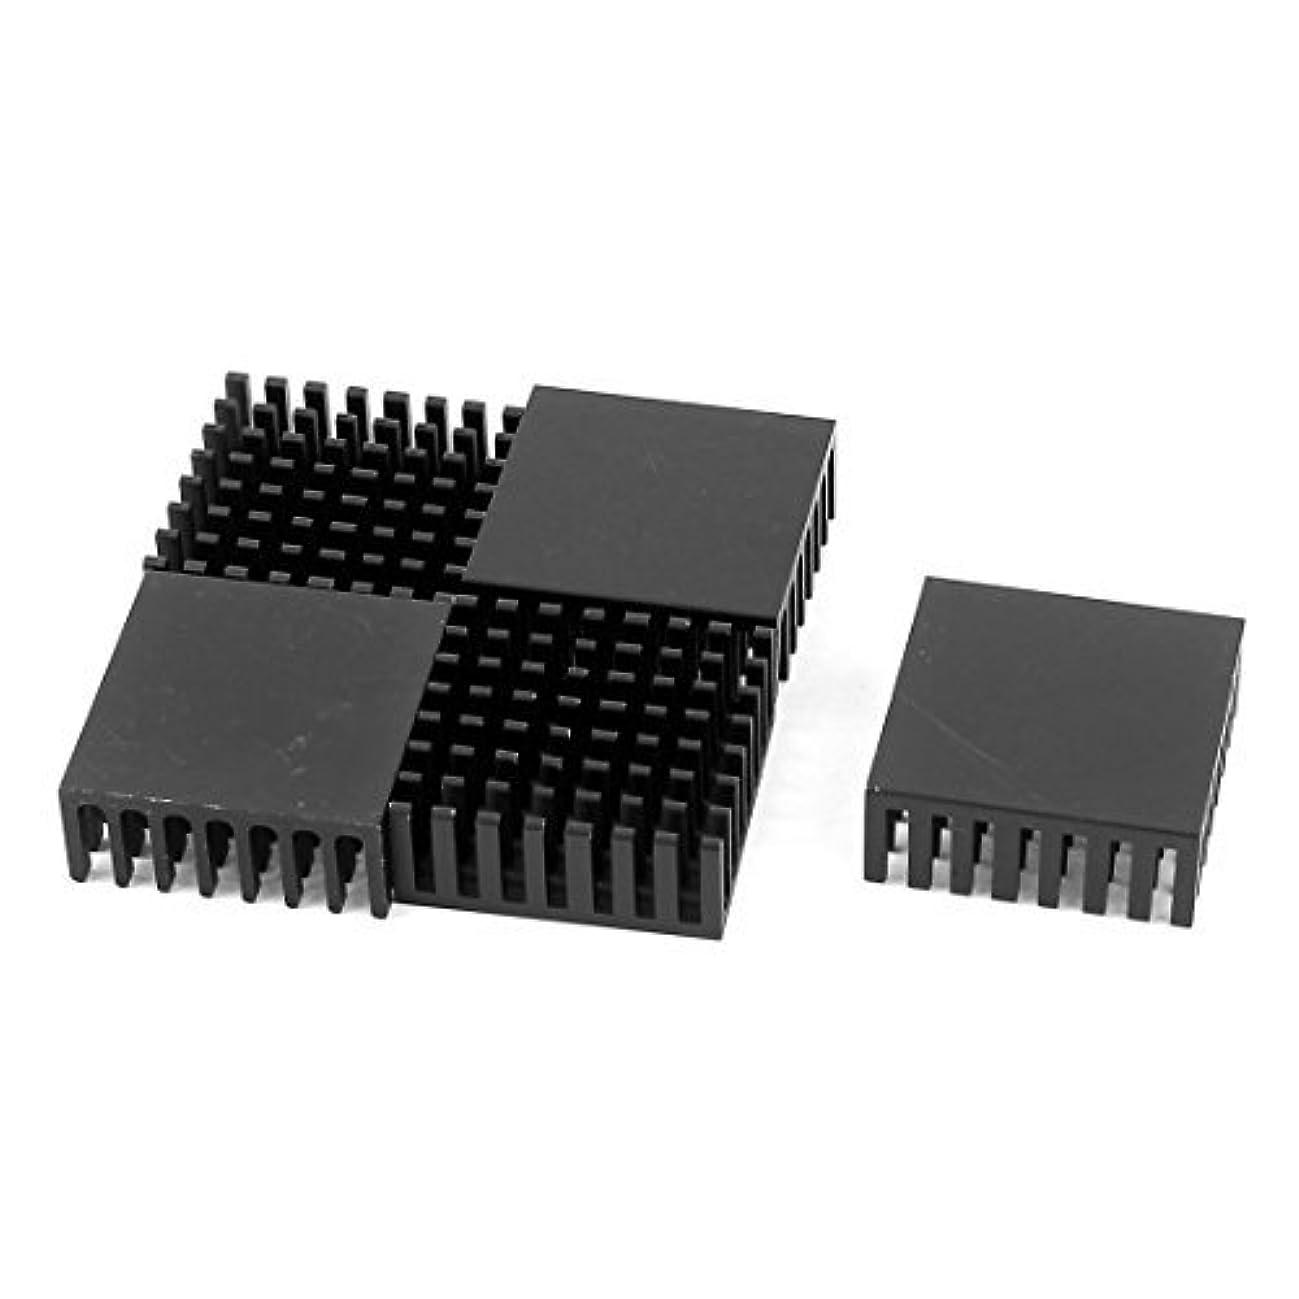 DealMux Aluminium CPU Radiator Heatsink Heat Sink 25mmx25mmx10mm 5 Pcs Black